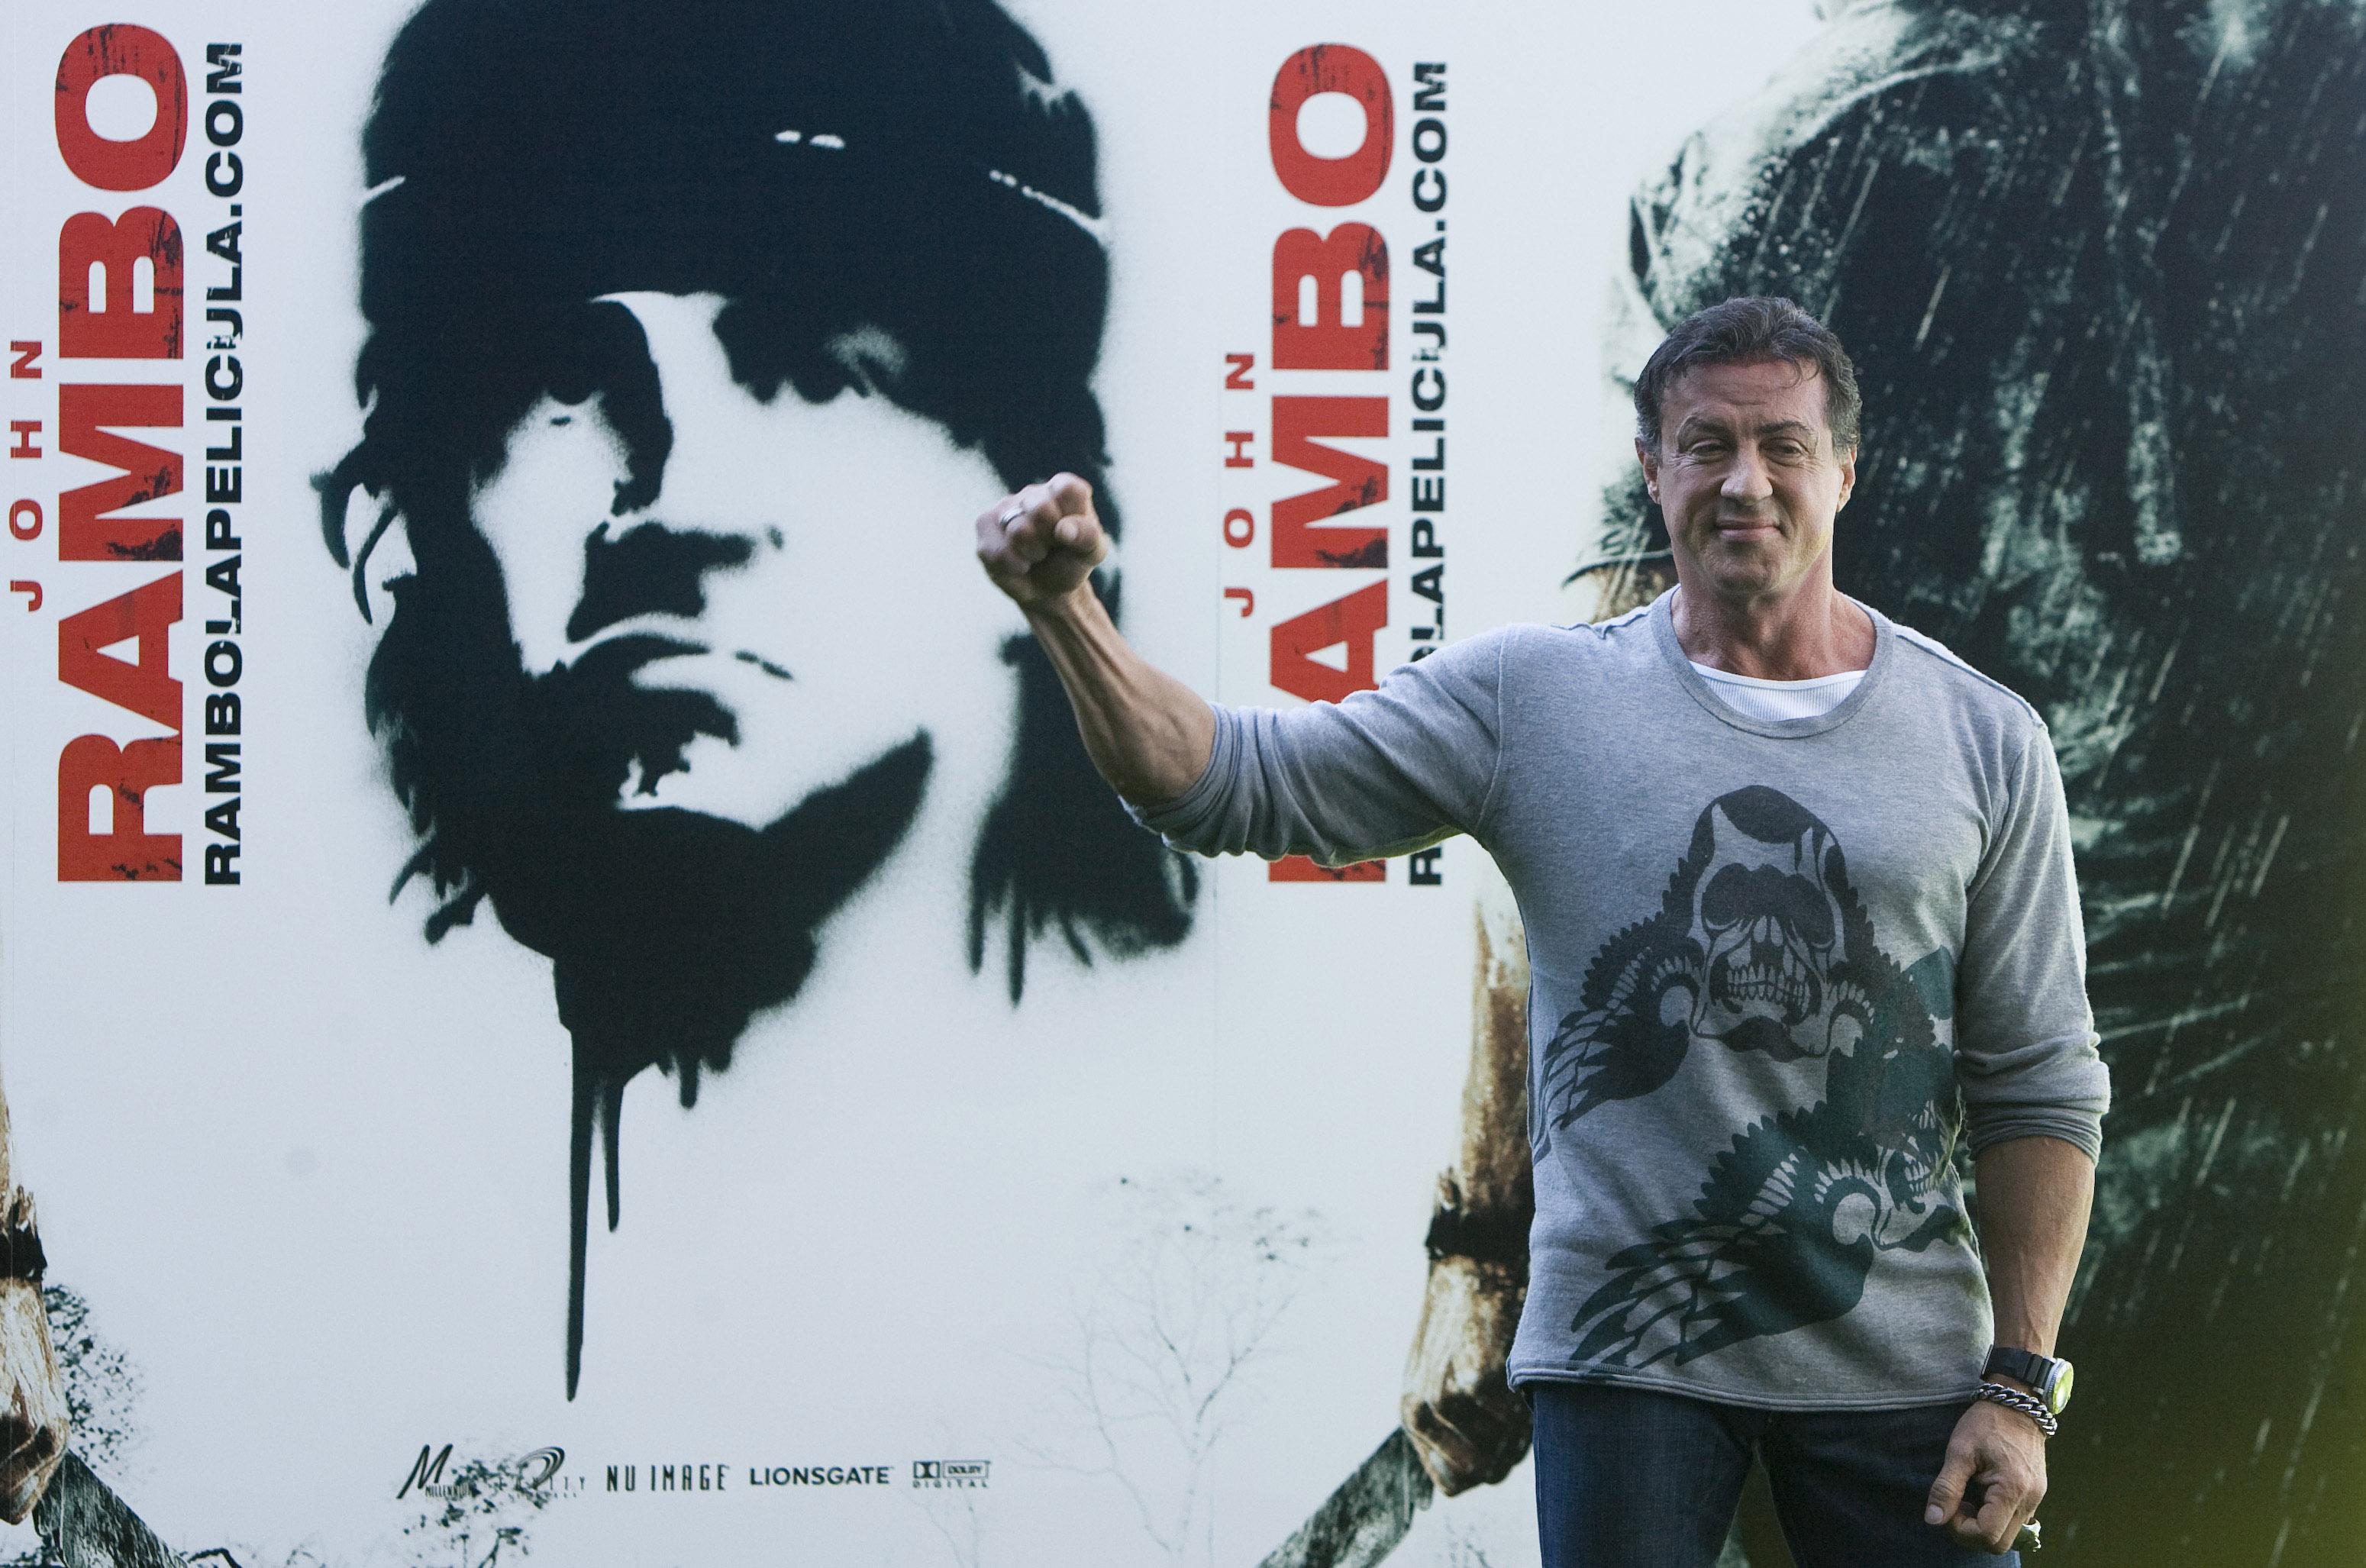 Al 5-lea film din seria Rambo, cu Sylvester Stallone, va fi lansat pe 20 septembrie